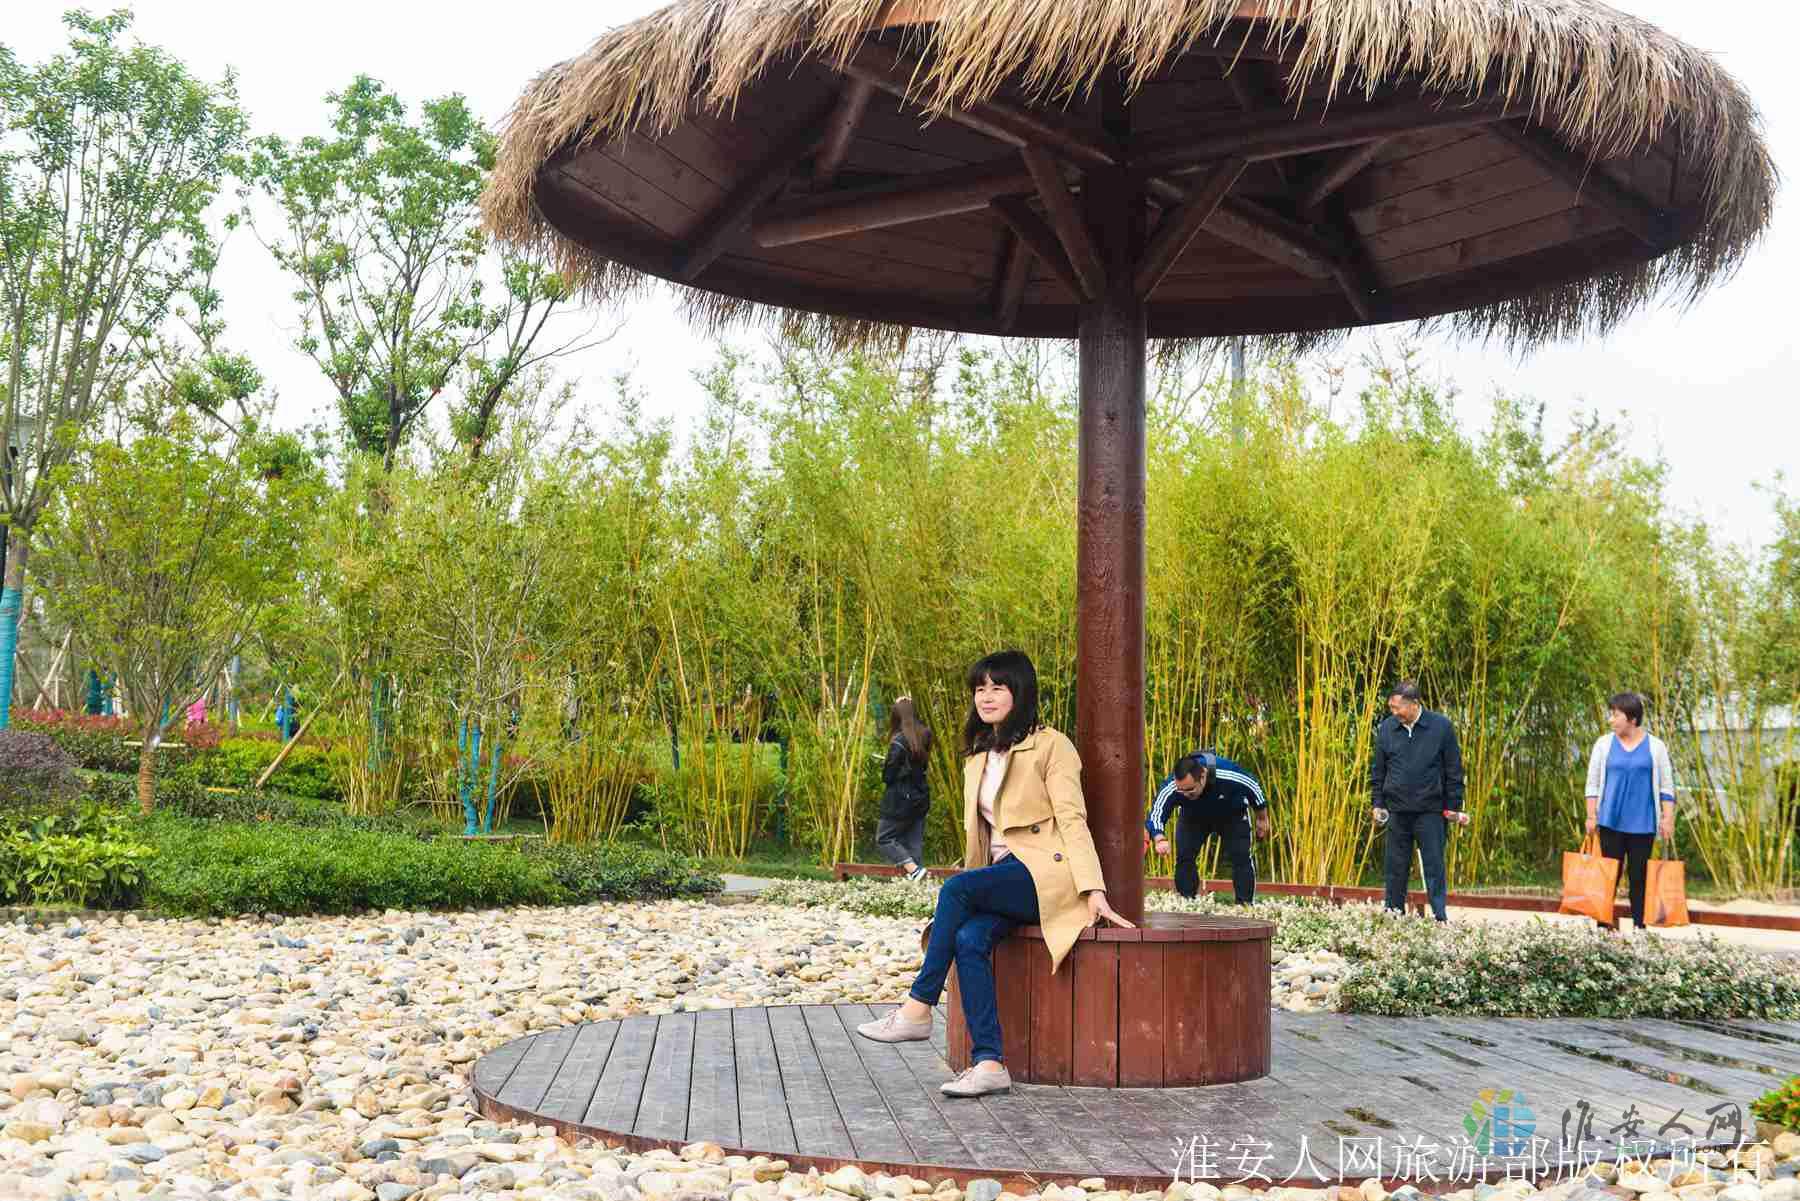 扬州一日游-23.jpg